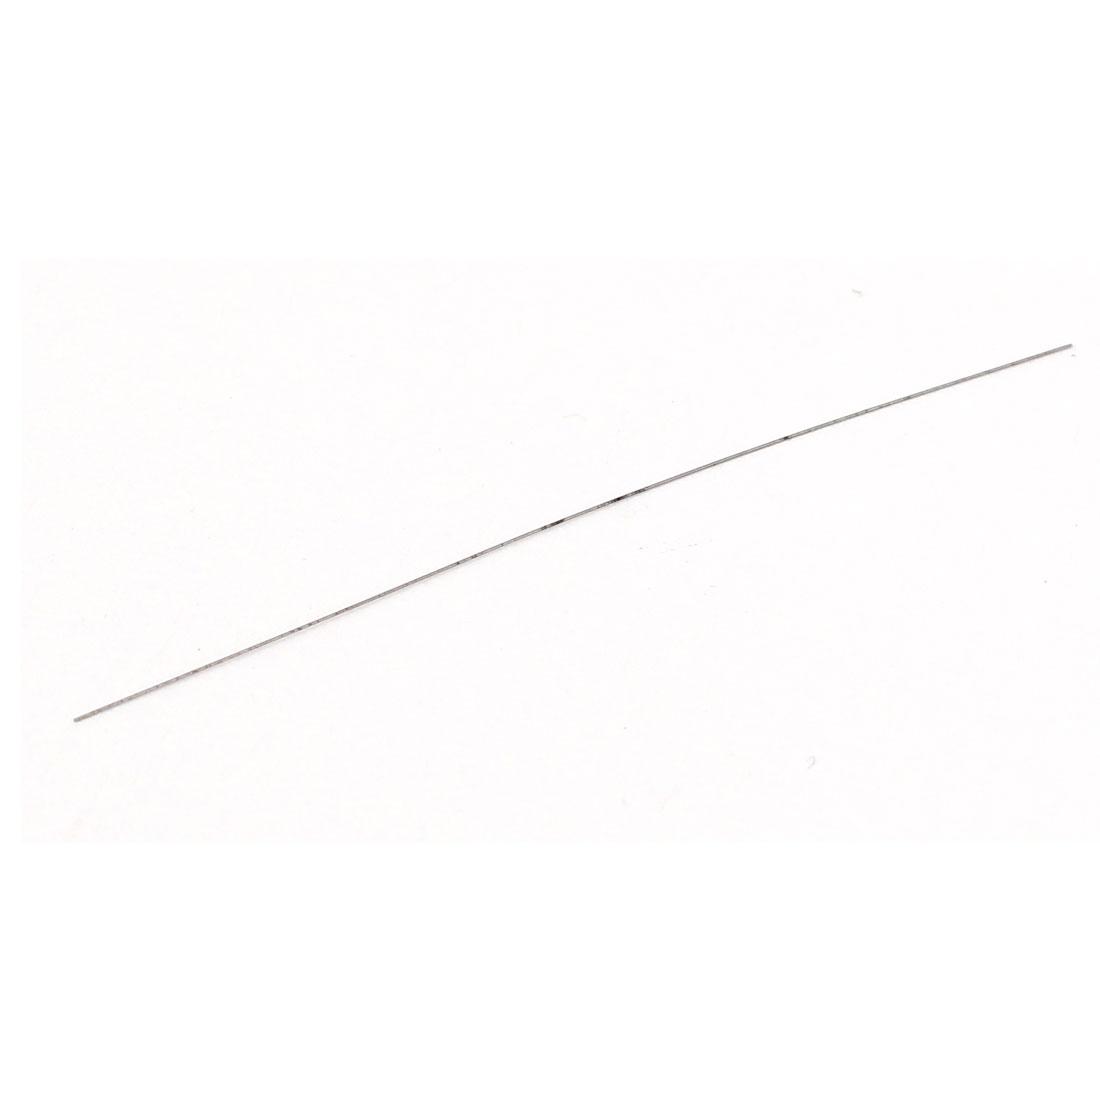 0.15mm Dia +/-0.001mm Tolerance Tungsten Carbide Cylinder Pin Gage Gauge